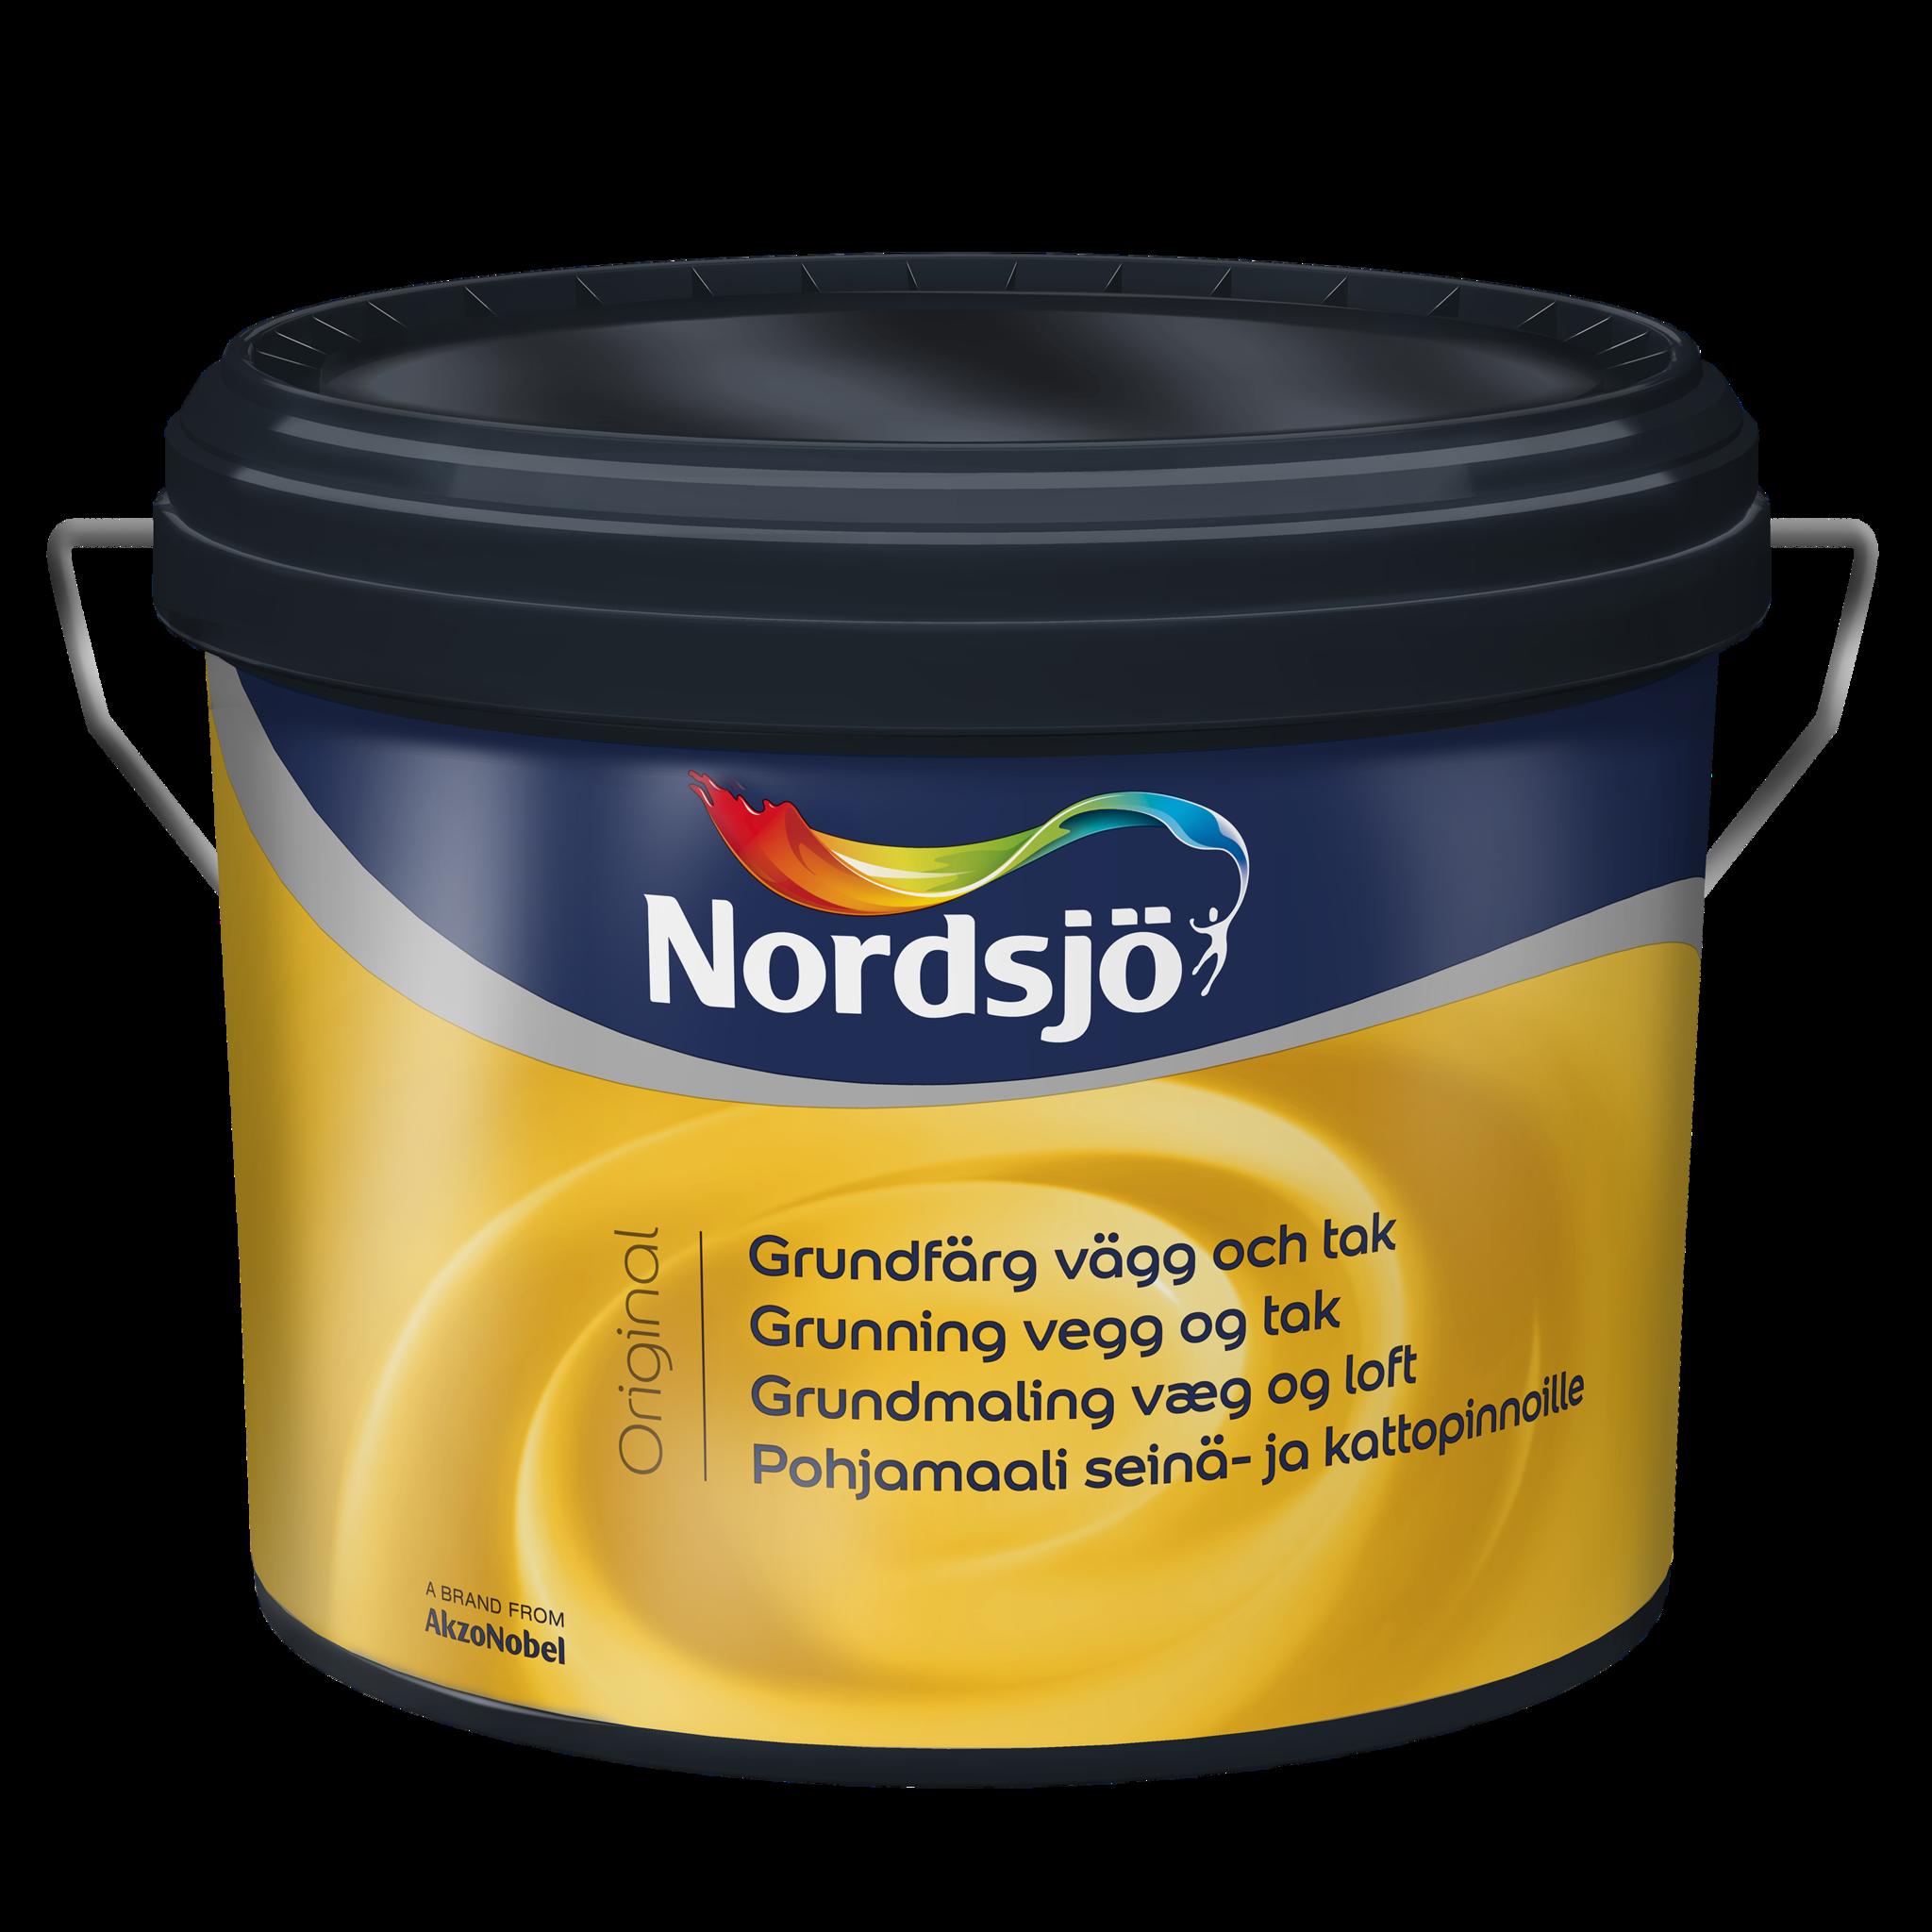 Original grundfärg vägg och tak   nordsjö idé & design